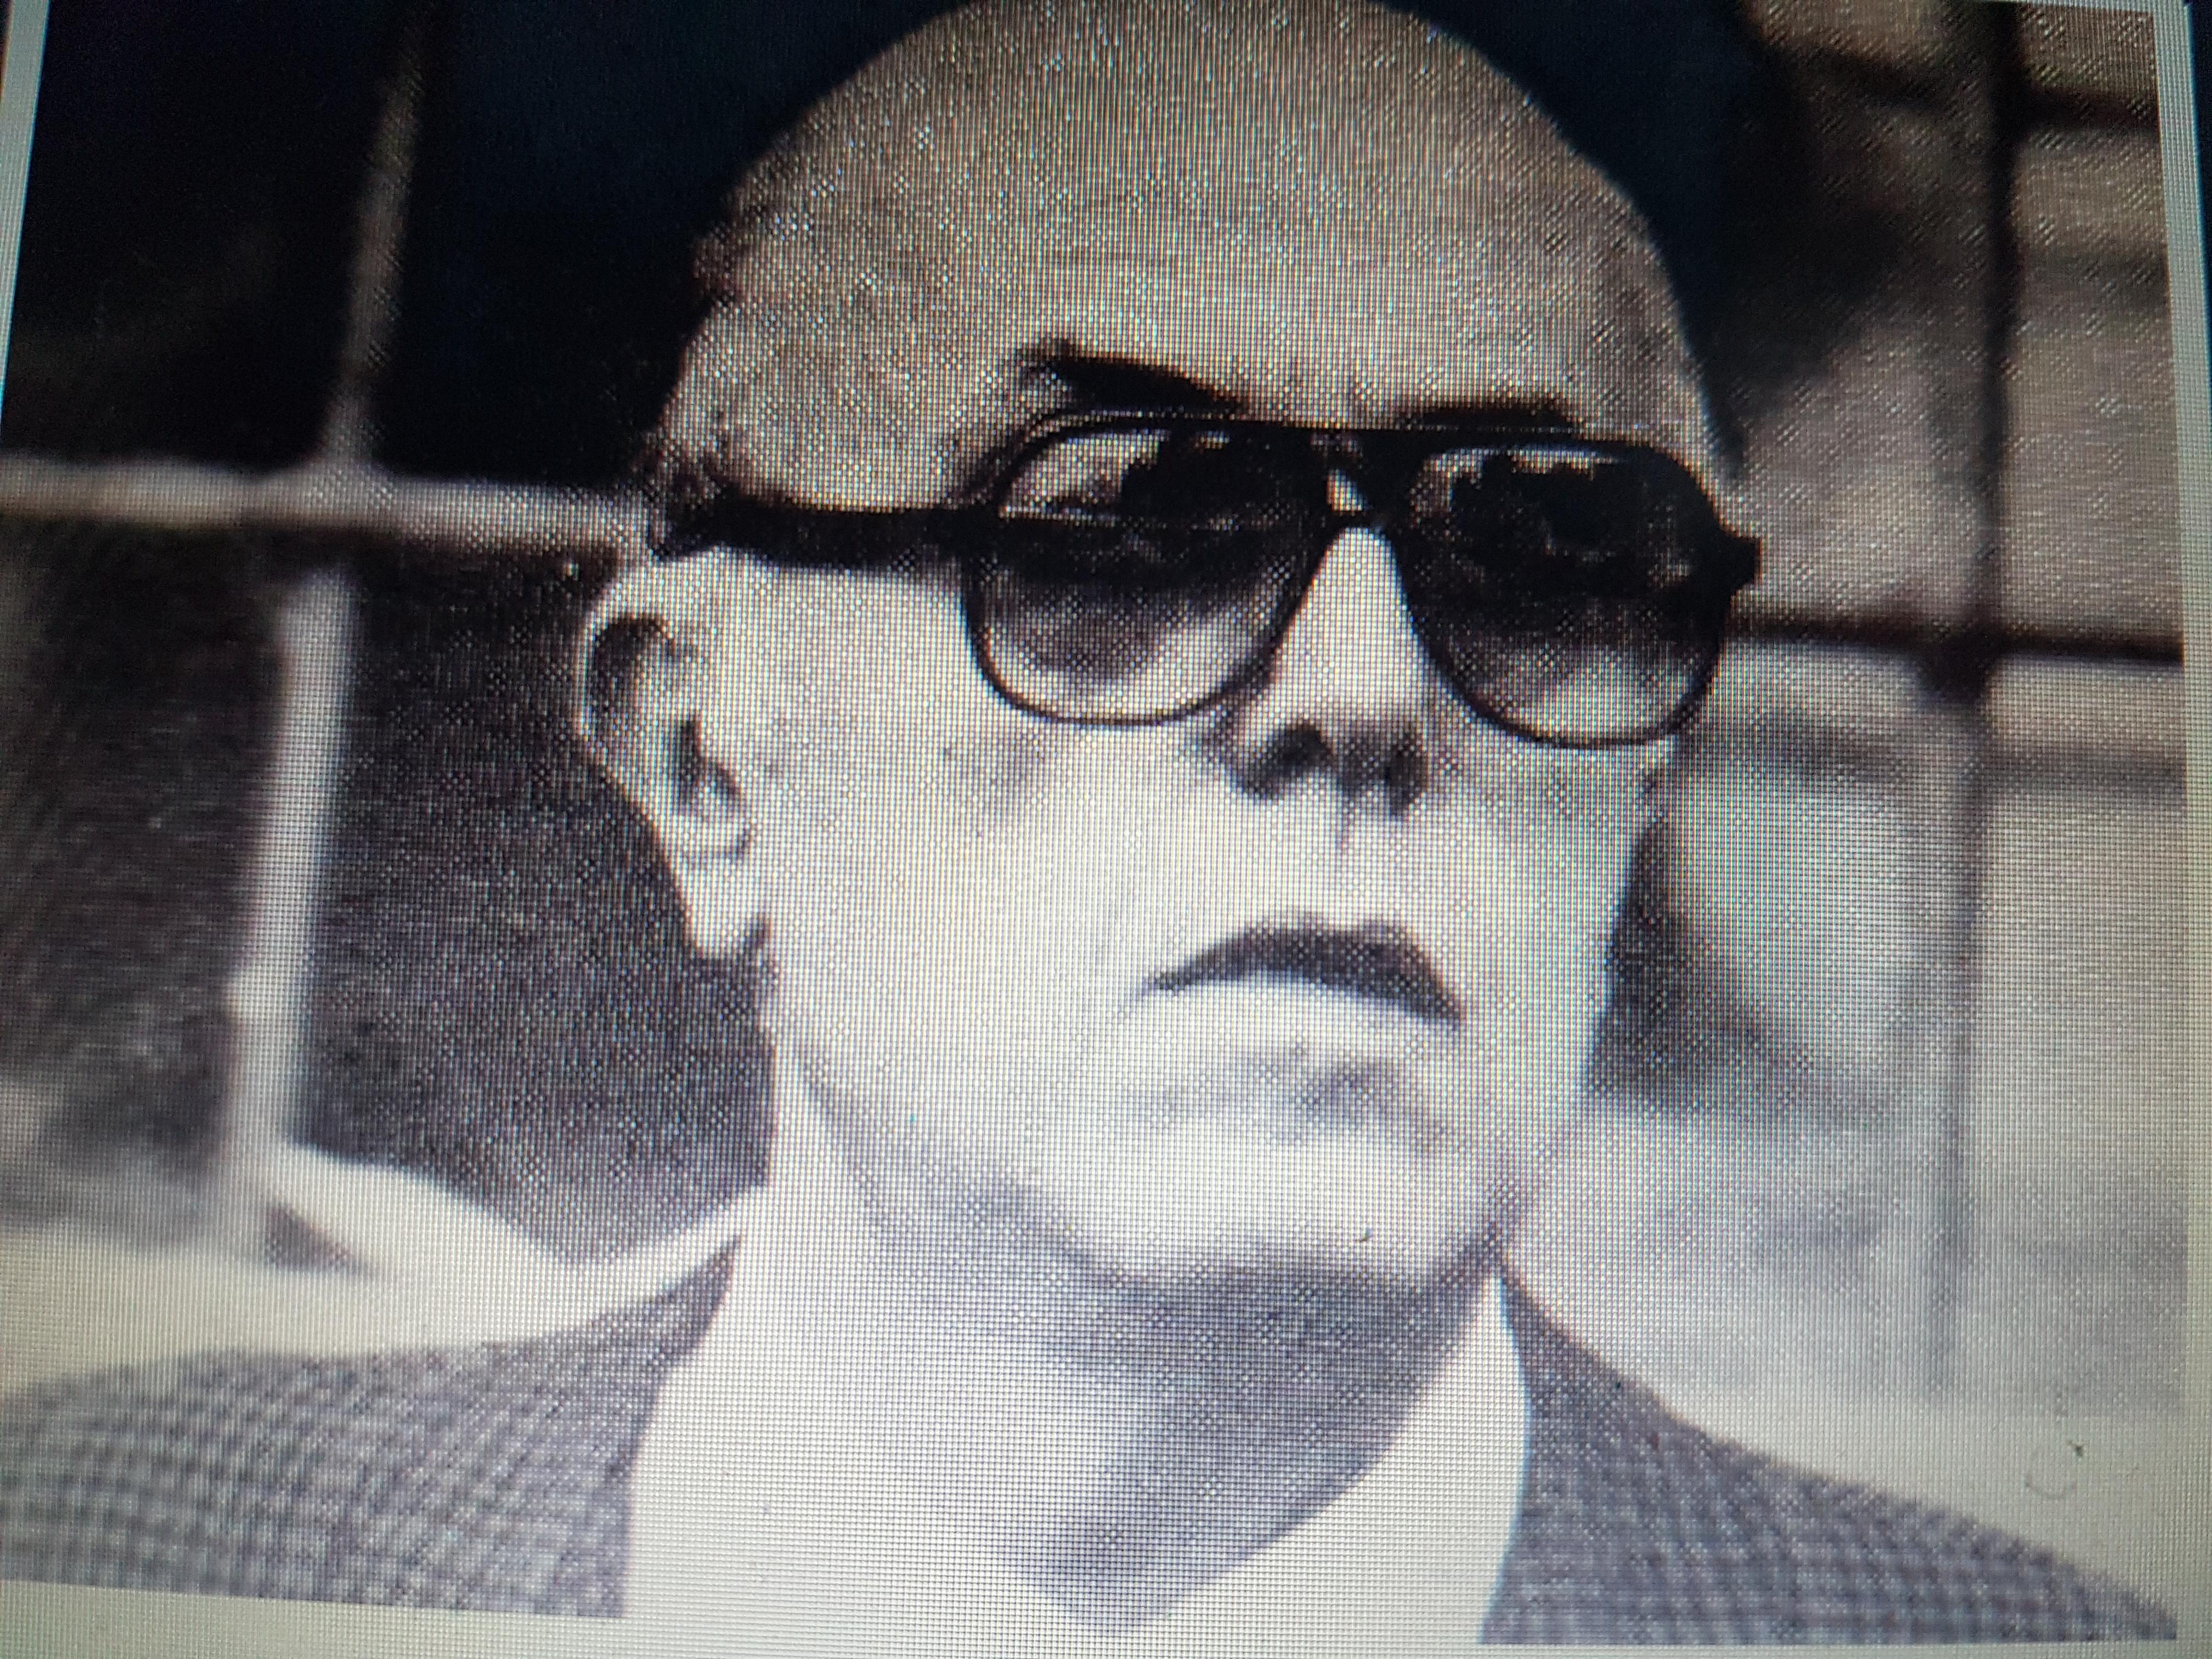 E' morto Angelo Cortecci commerciante e capitano storico della Tartuca